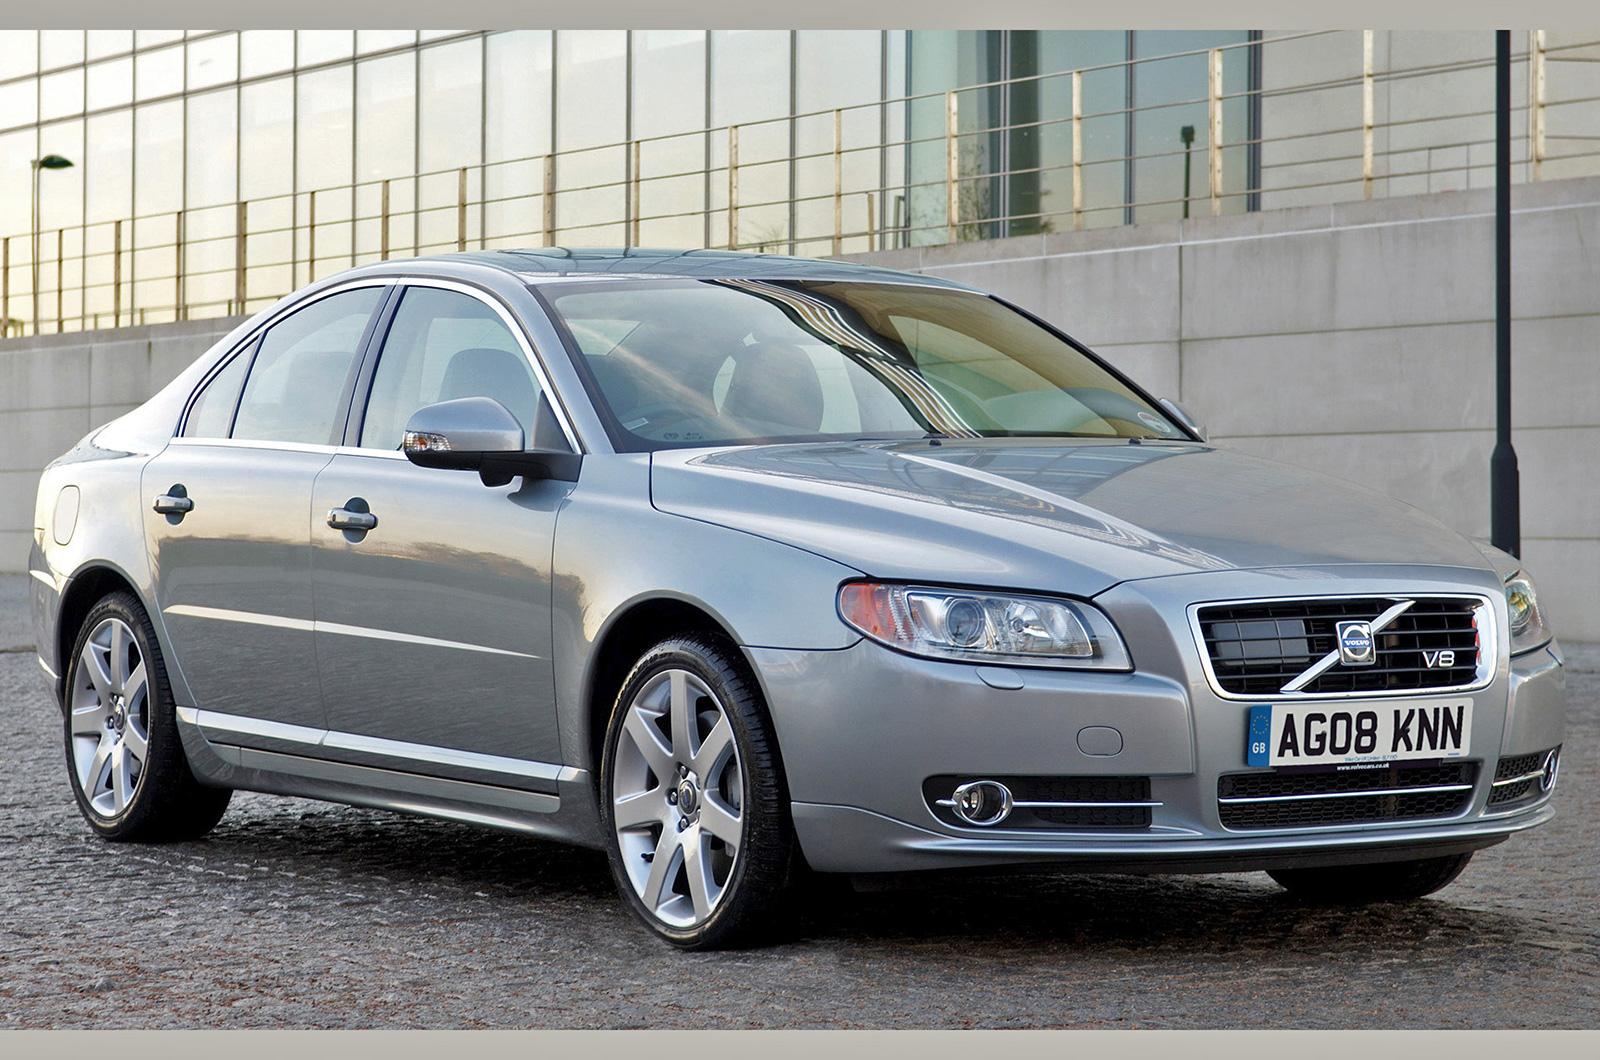 Единороги: самые редкие автомобили, которые вы можете купить